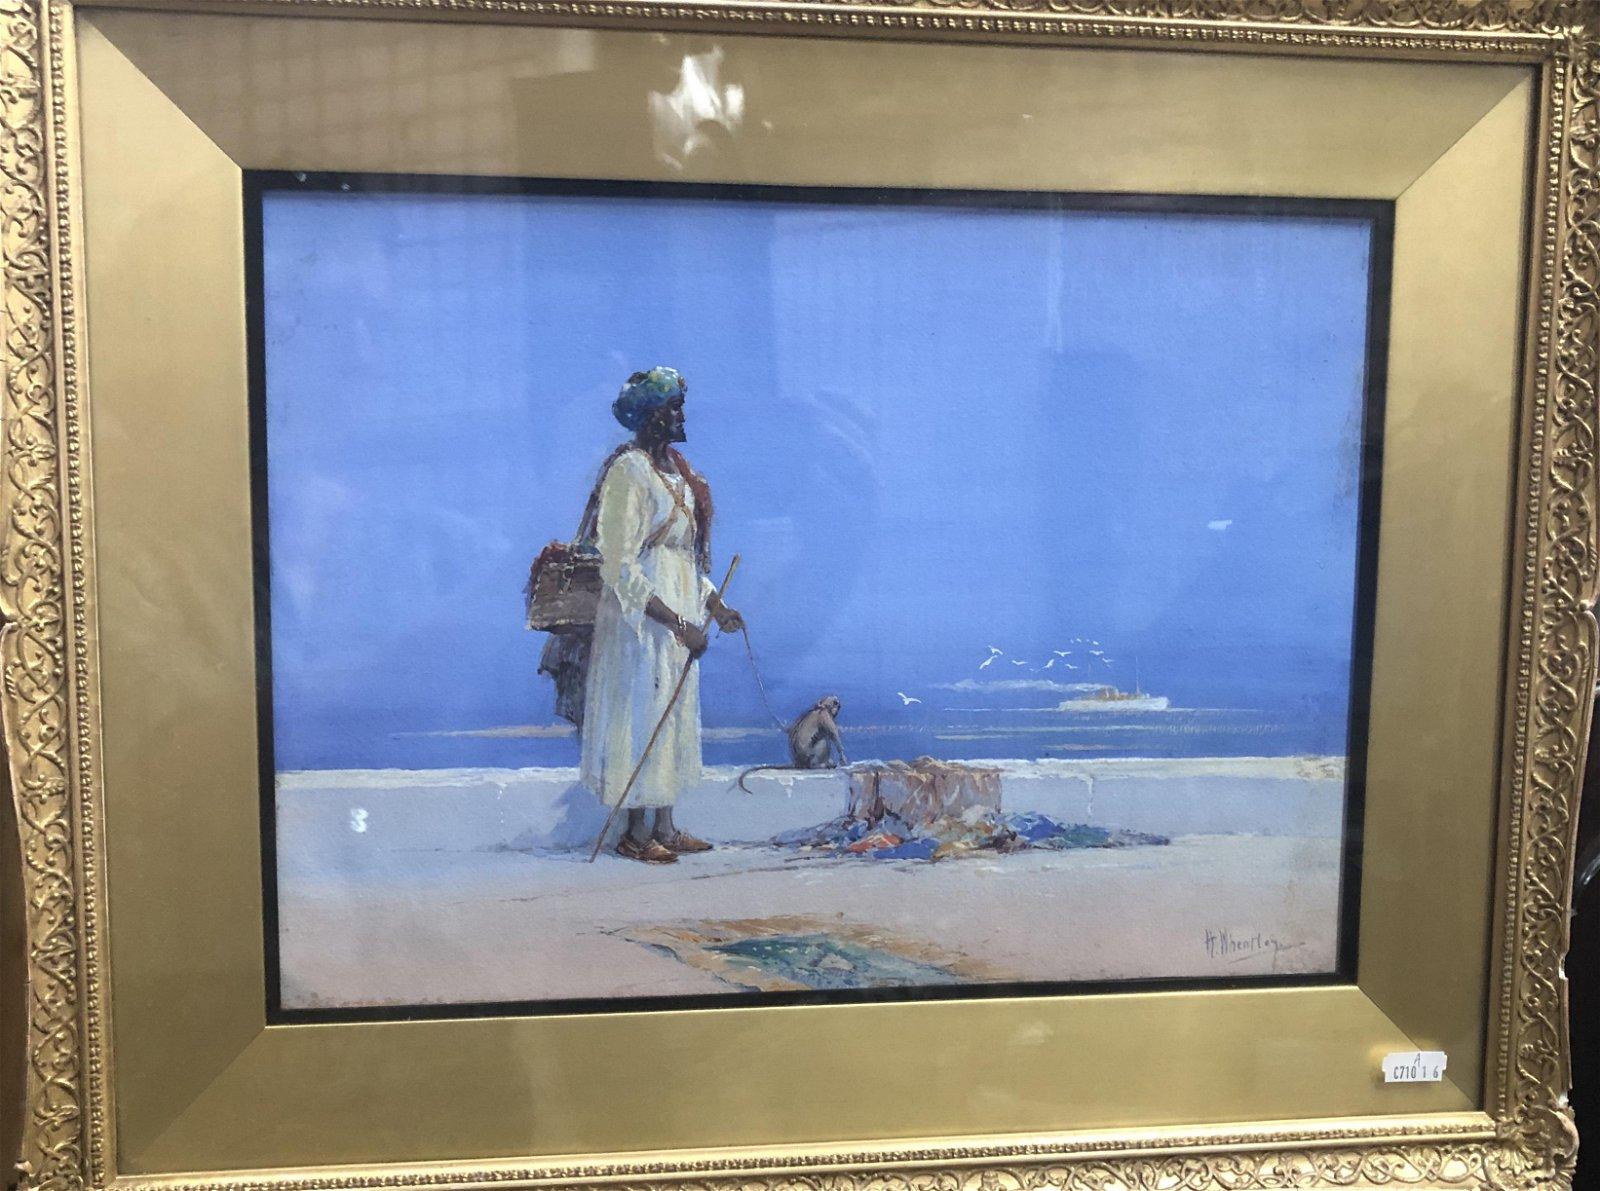 H Wheatley - A pair of Arab pedlar views